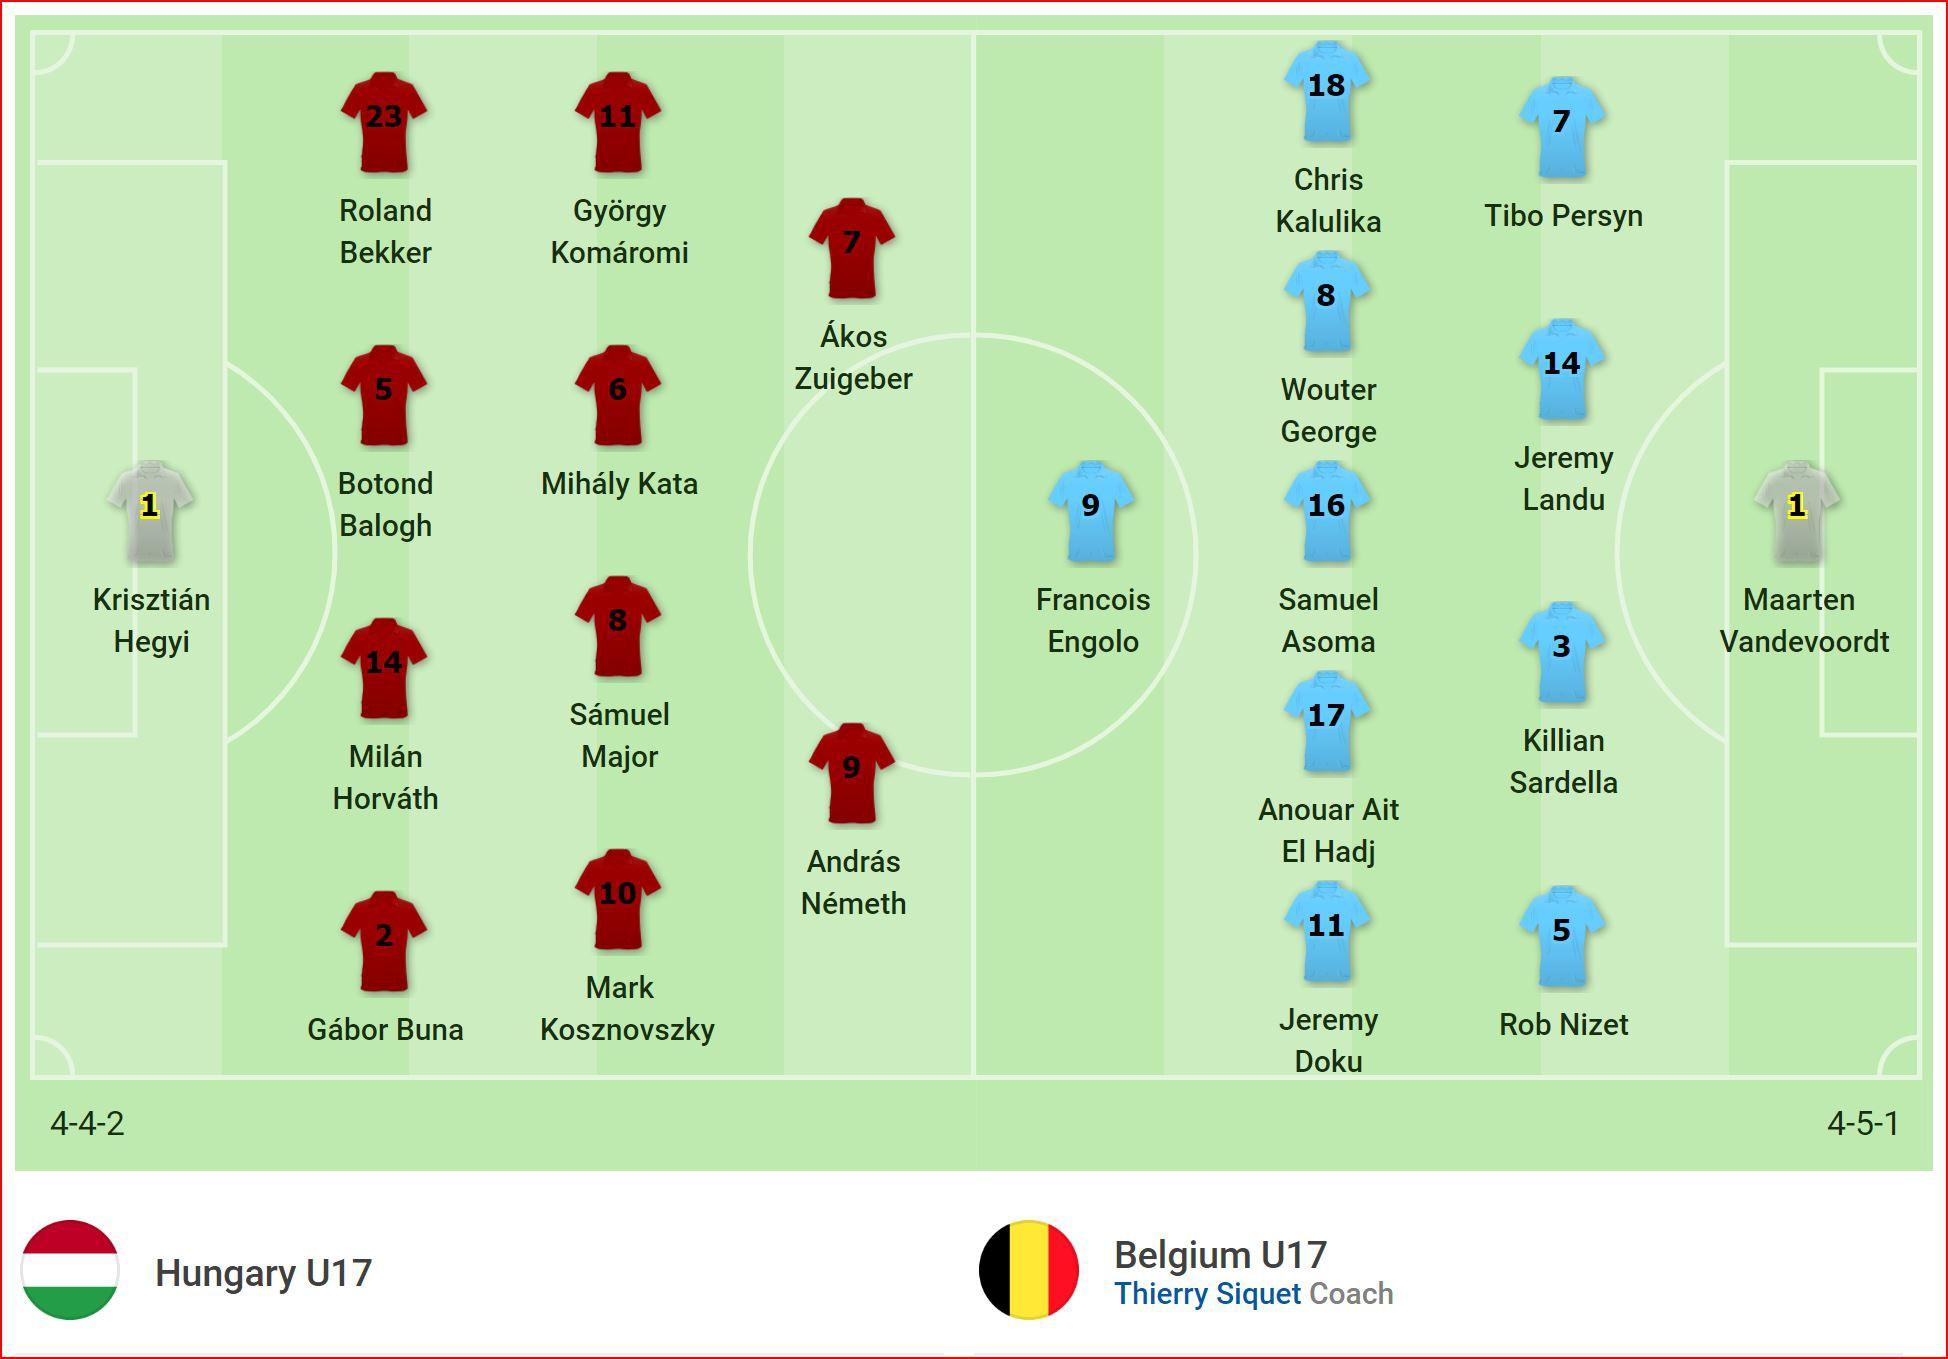 Kết quả tranh hạng 5 EURO U17: Cột xà ngăn bước, đàn em Hazard chịu thua U17 Hungary ở loạt luân lưu, mất vé World Cup - Ảnh 1.